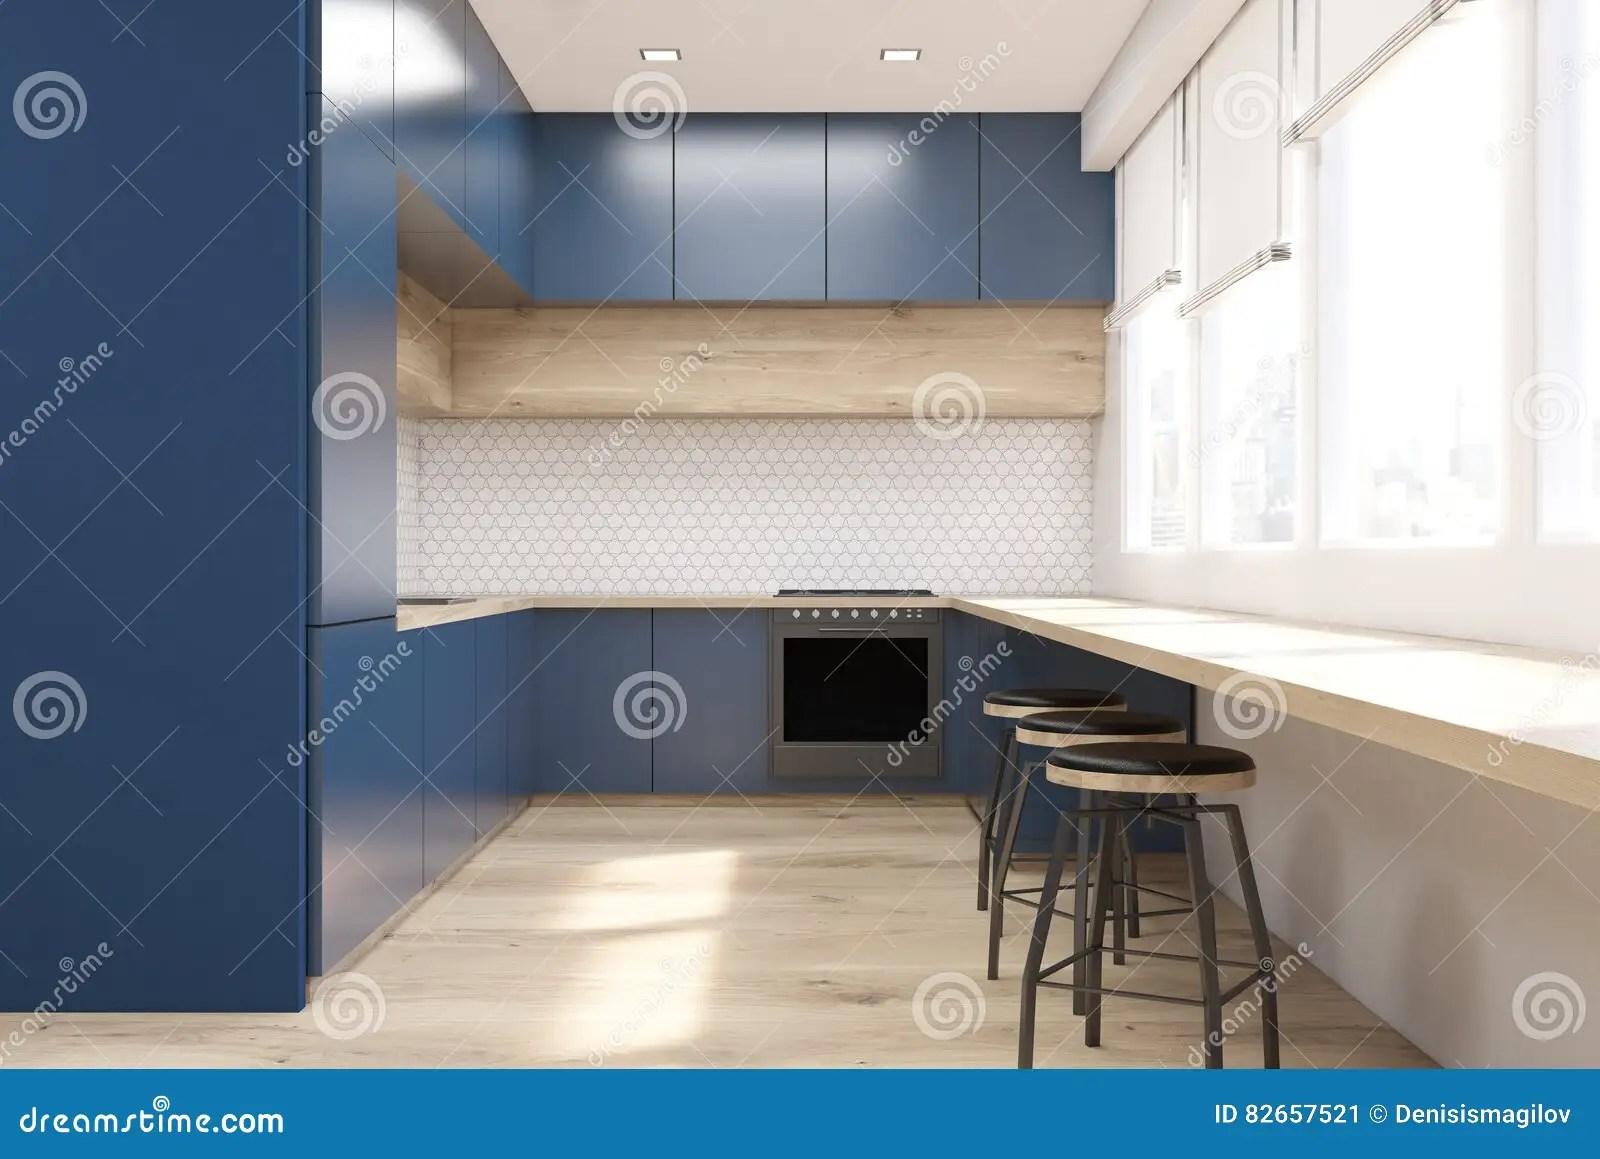 blue kitchen chairs dark table 蓝色厨房正面图库存例证 插画包括有最高限额 灌肠器 设计 楼层 商业 现代厨房内部正面图与蓝色家具 木桌和烤箱的一层轻松的舱内甲板的概念3d翻译